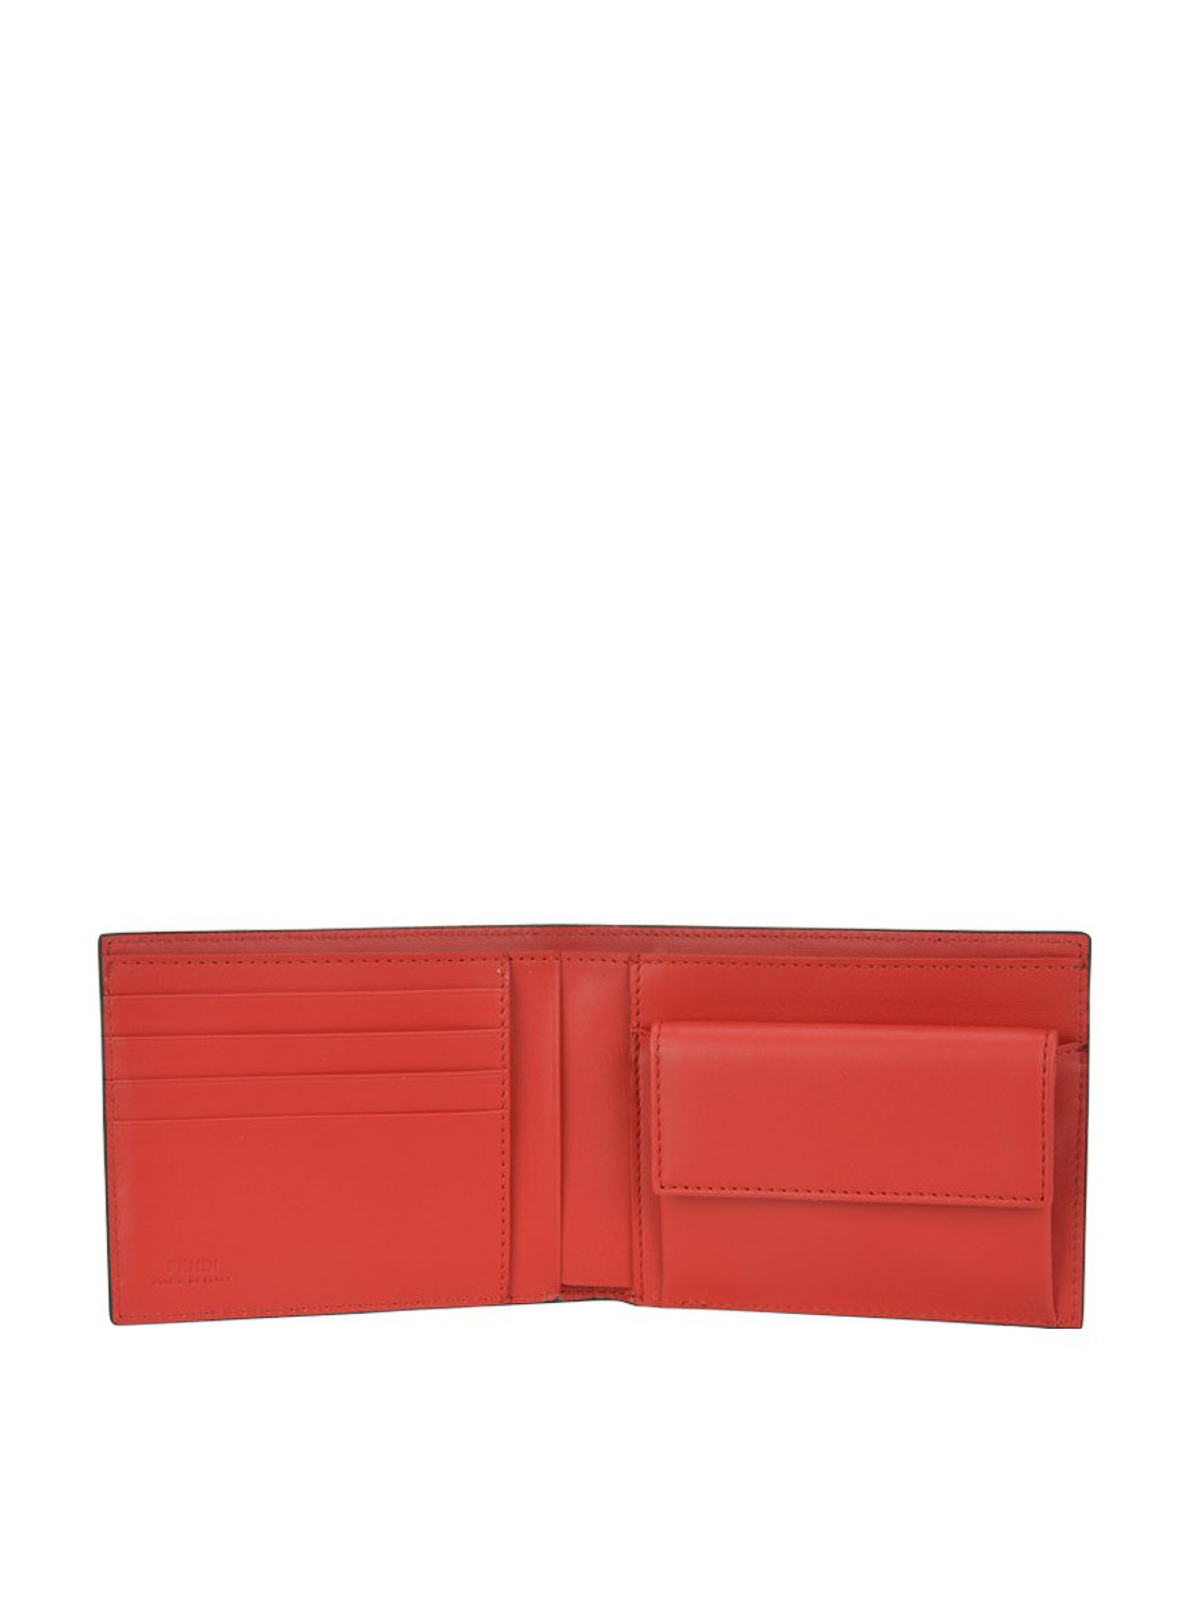 43ead99d5f Fendi - Bag Bugs leather bi-fold wallet - wallets & purses ...